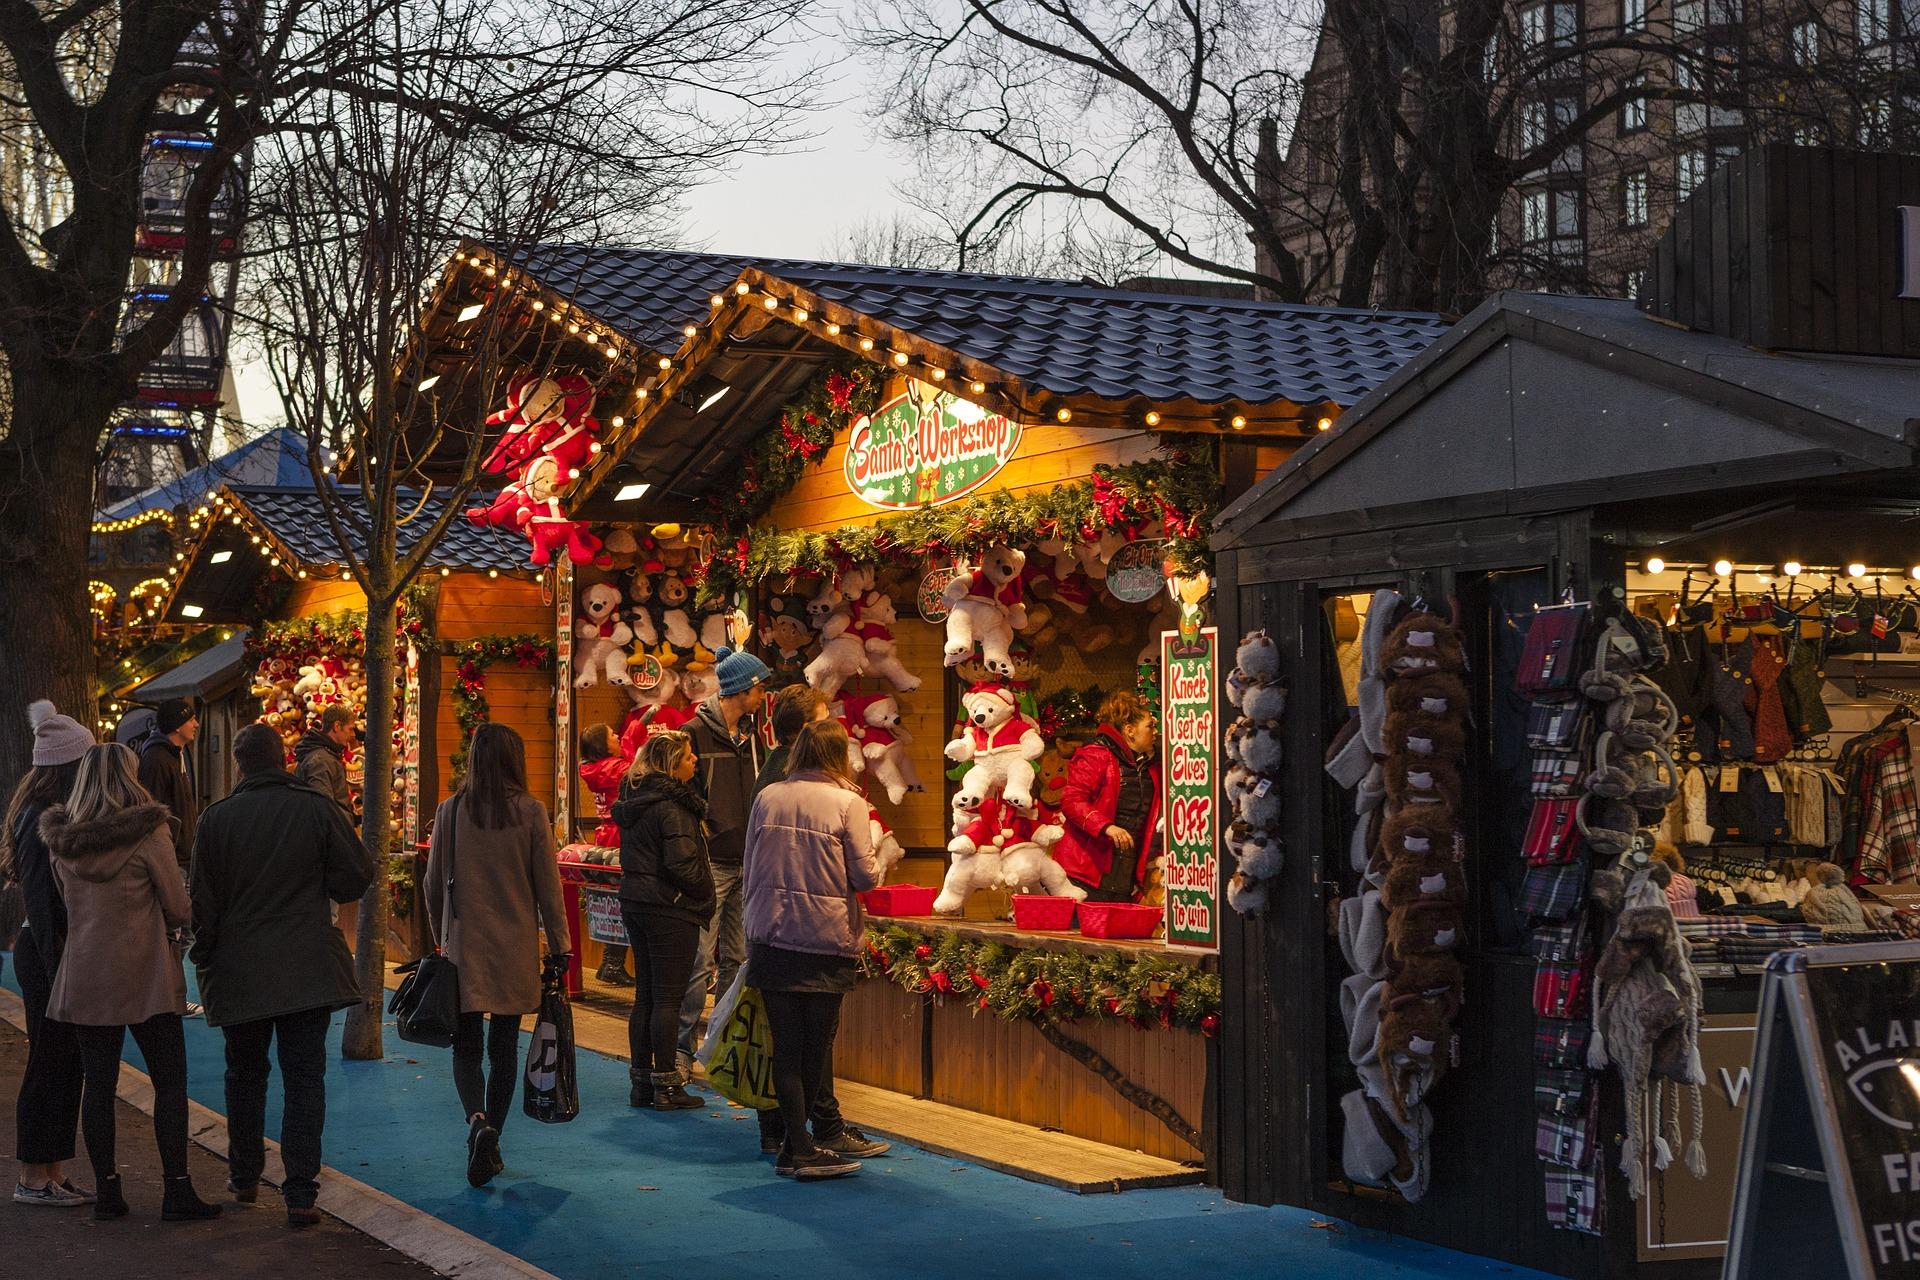 Tradicionais mercados de Natal devem abrir mesmo em meio à pandemia